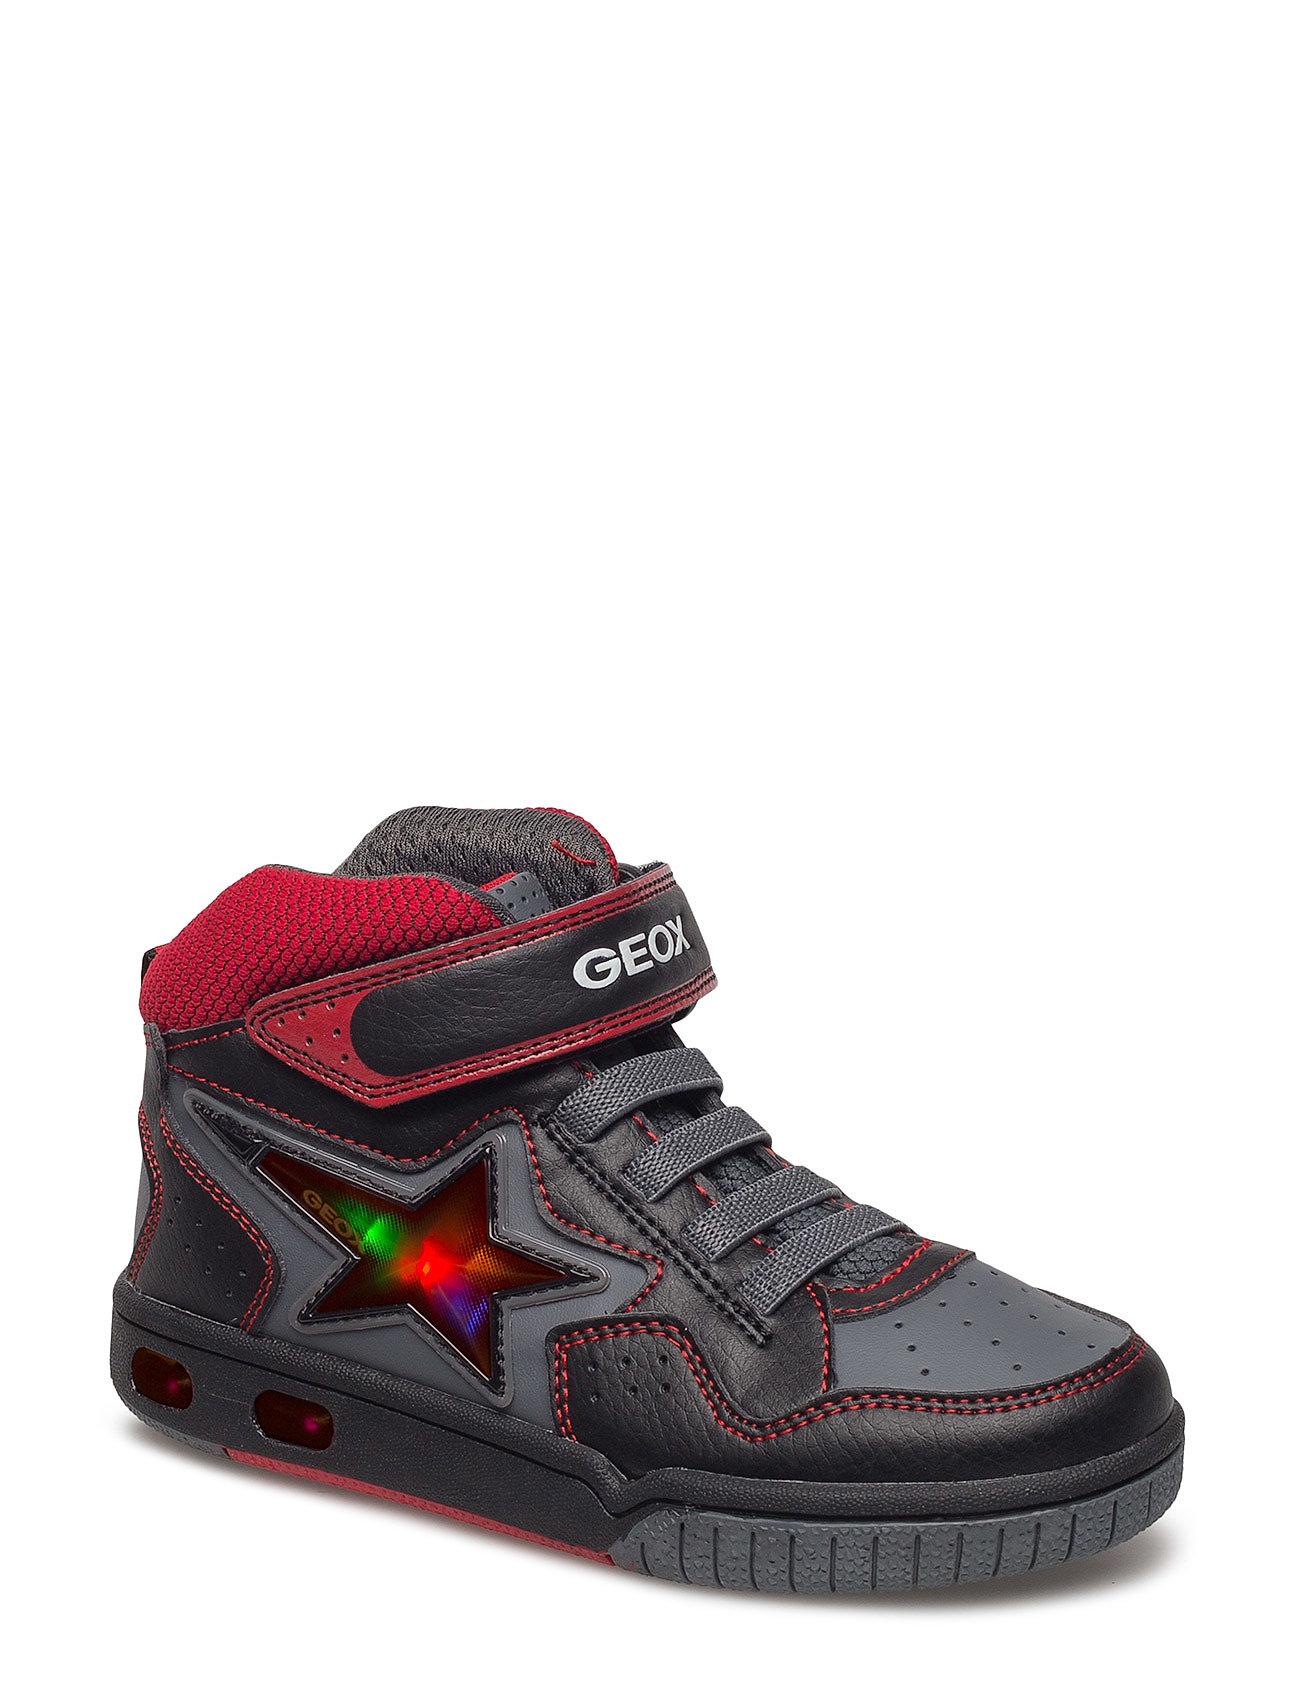 Jr Gregg A GEOX Sko & Sneakers til Børn i Sort Rød